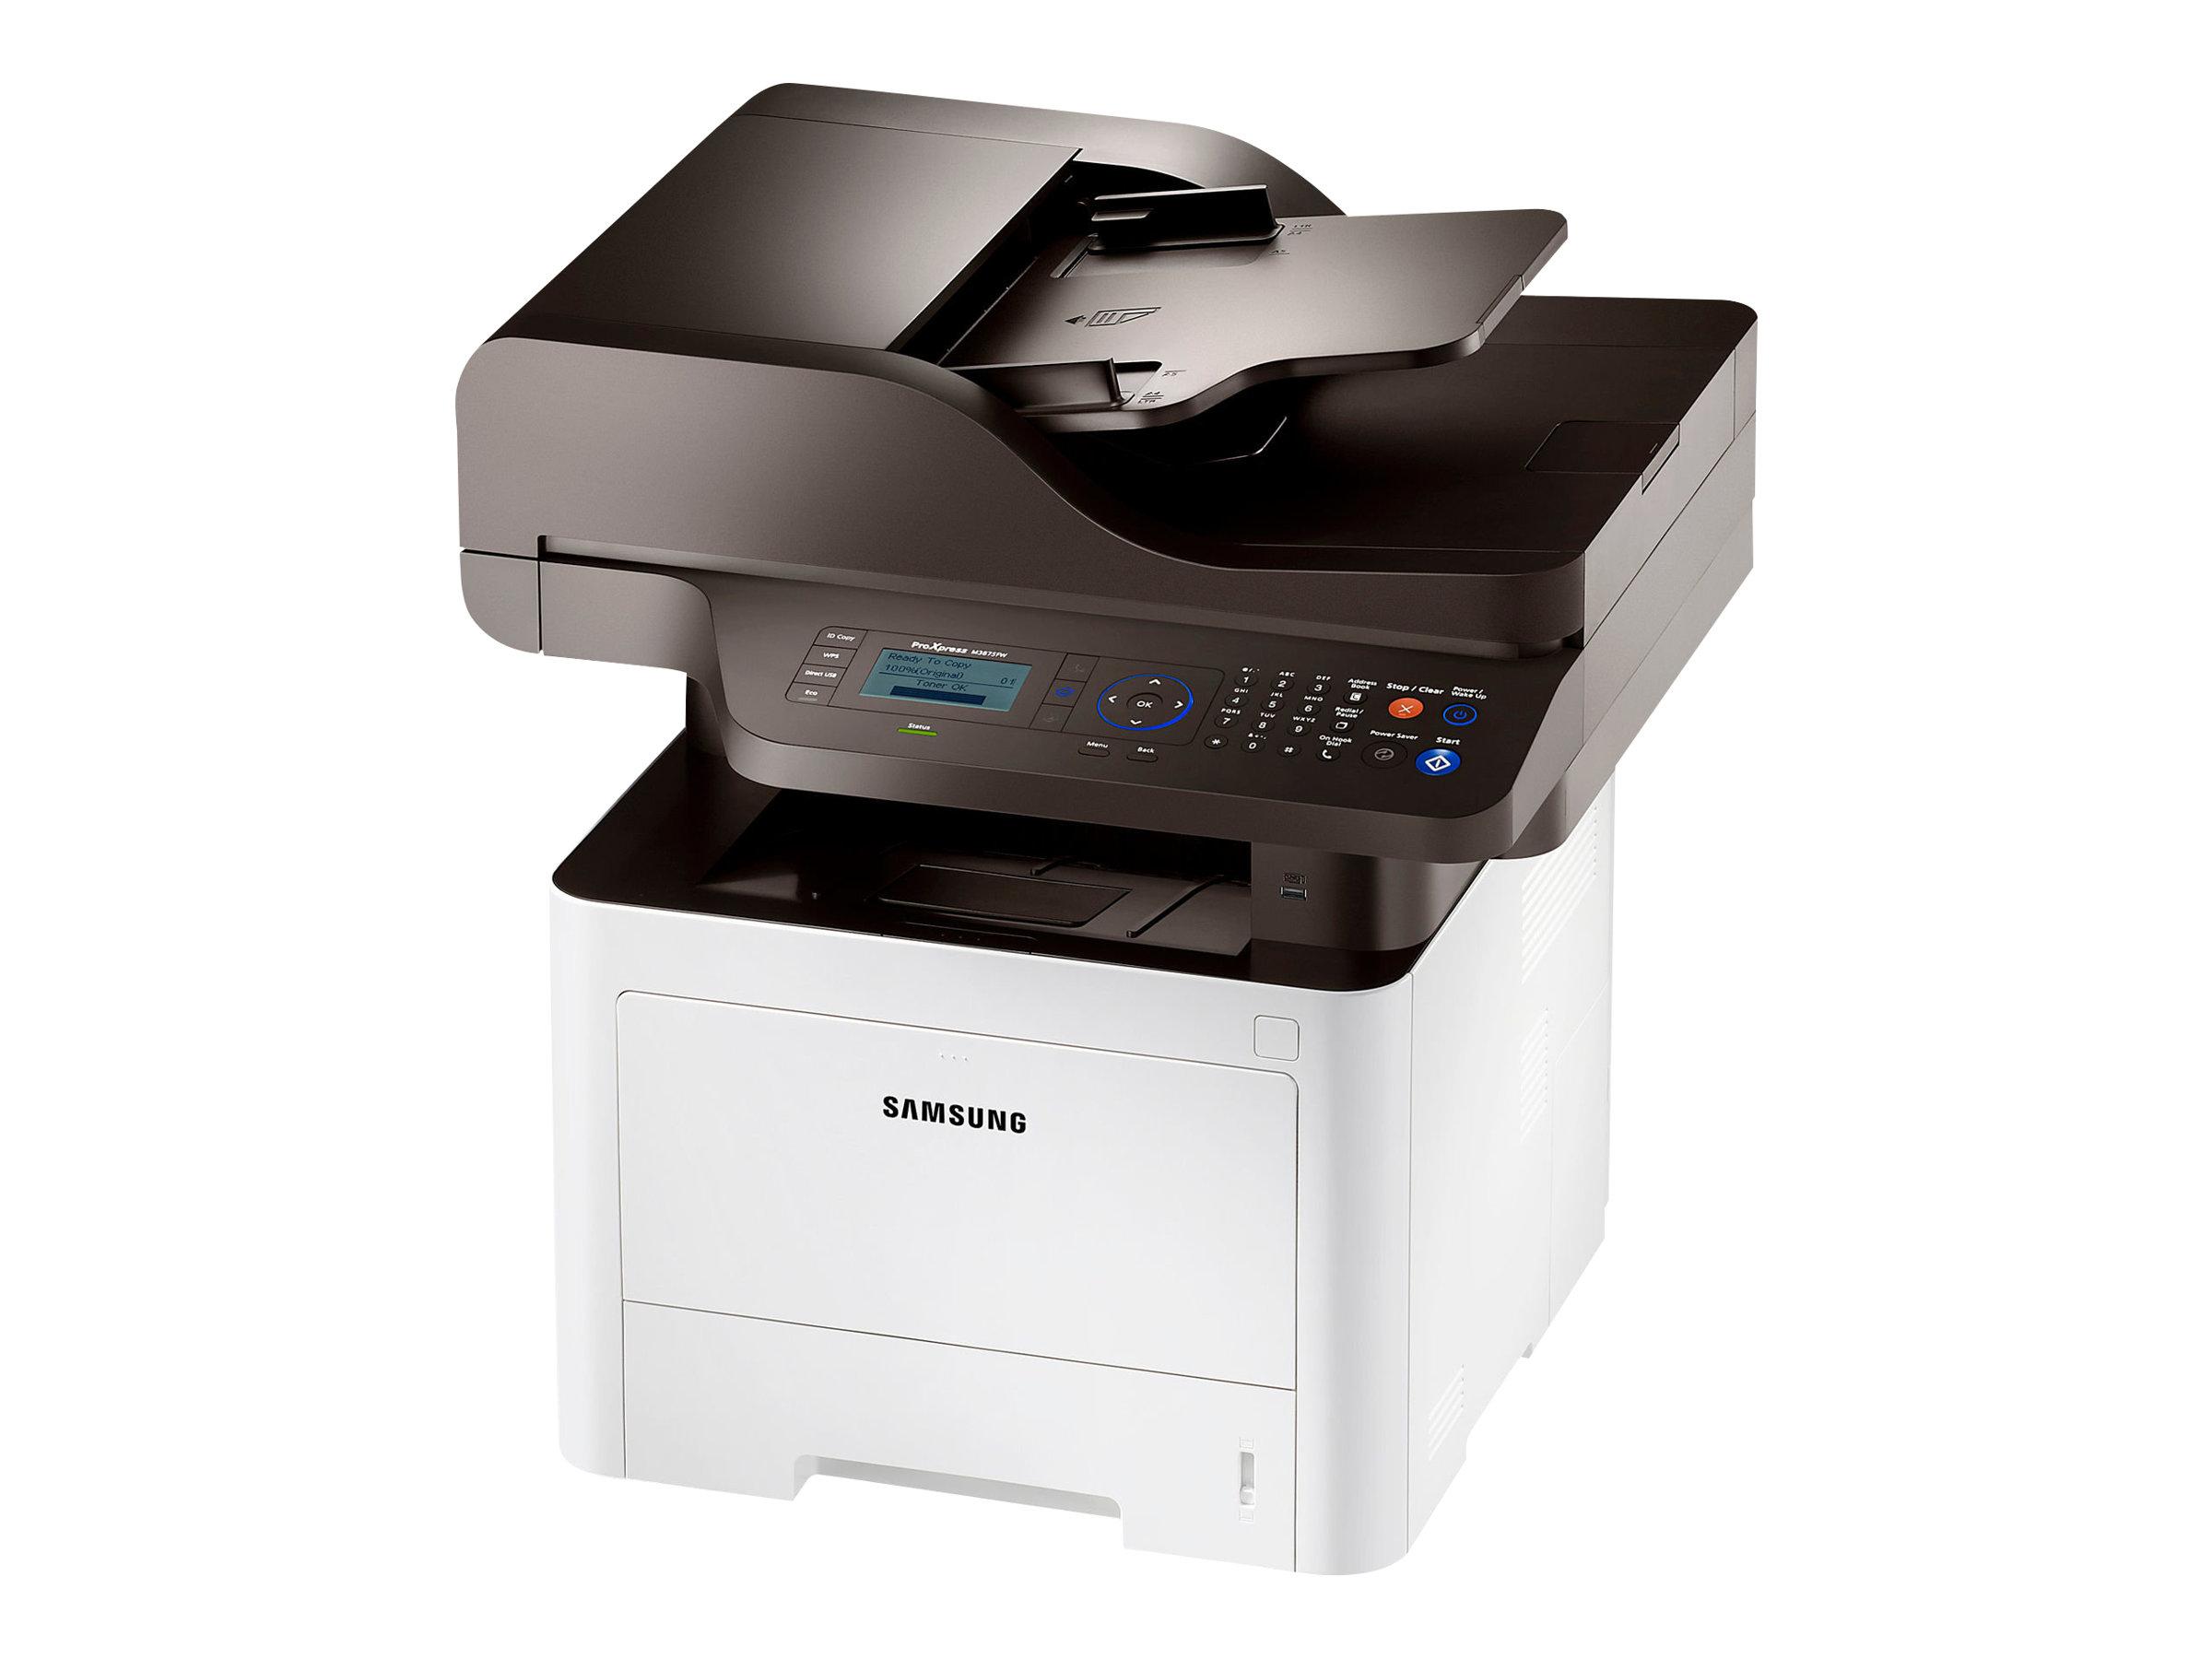 HP Samsung ProXpress SL-M3875FW - Multifunktionsdrucker - s/w - Laser - Legal (216 x 356 mm)